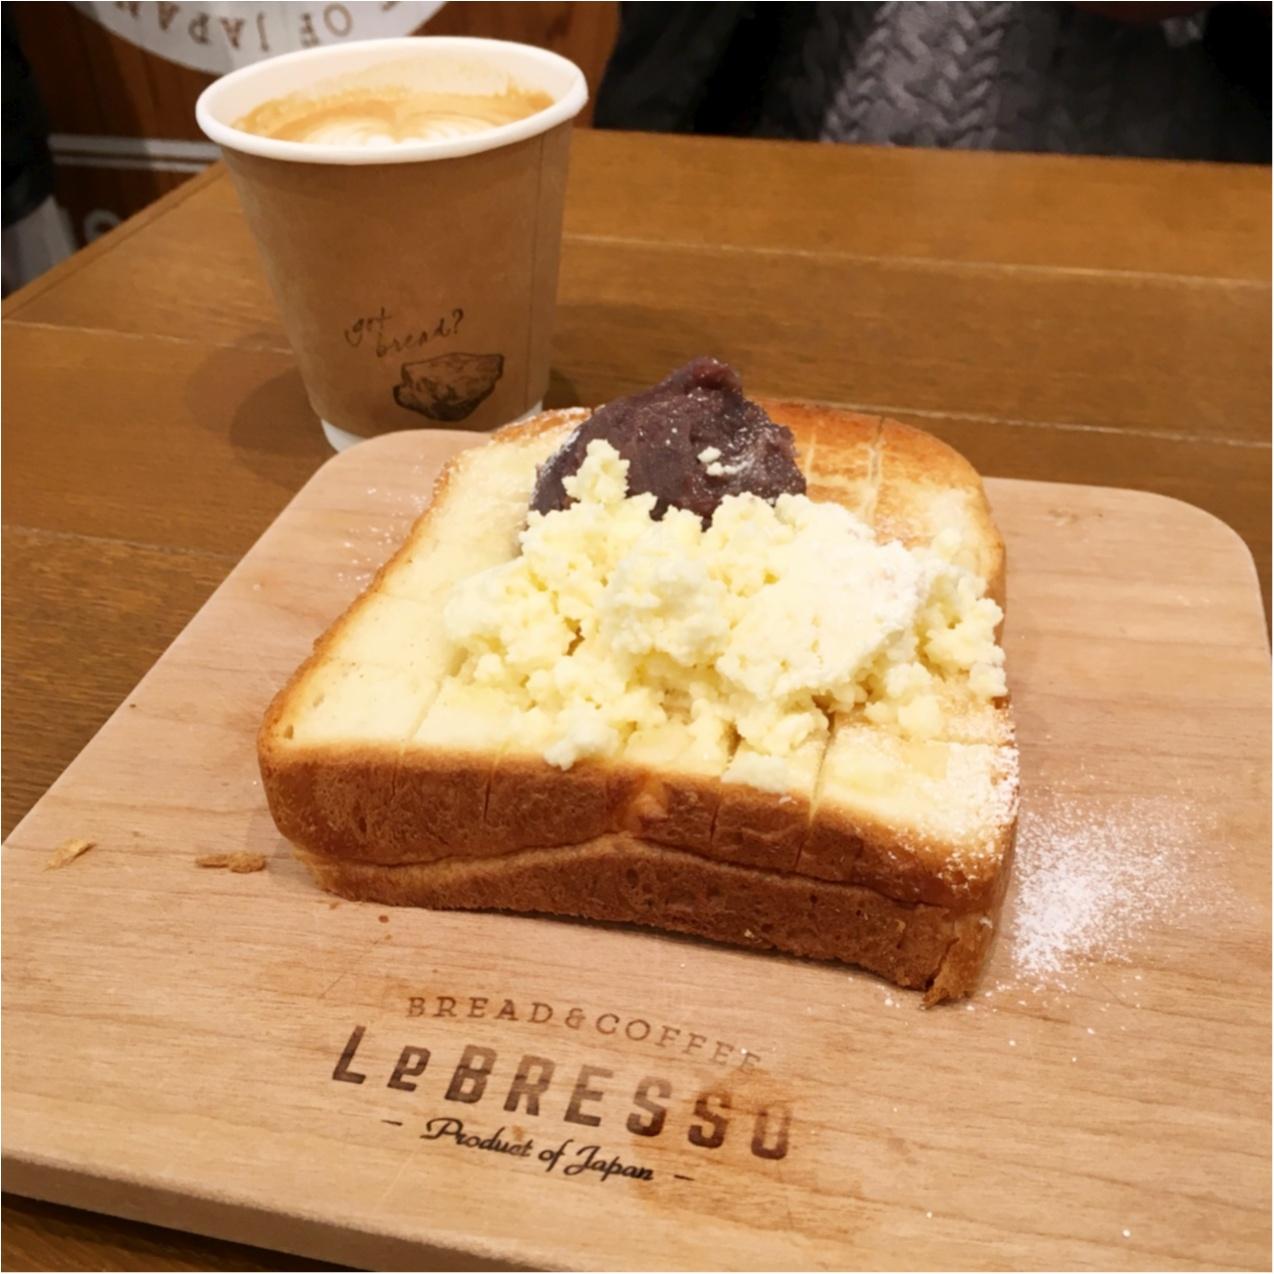 《 私のカフェめぐり♪ 》あんこ×バターの甘いハーモニー♡  Le BRESSO(レブレッソ)の至福のあんバタートースト♡♡_2